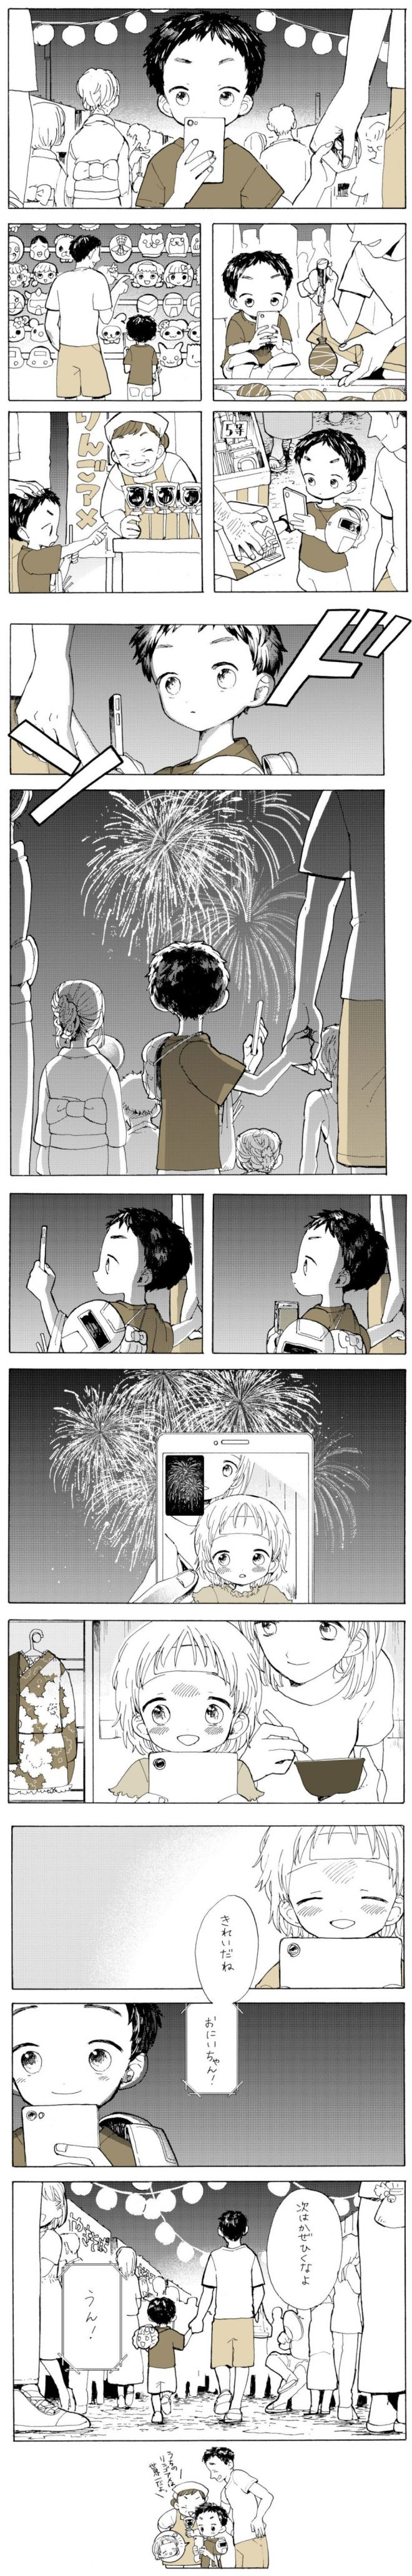 漫画「スマホ世代」